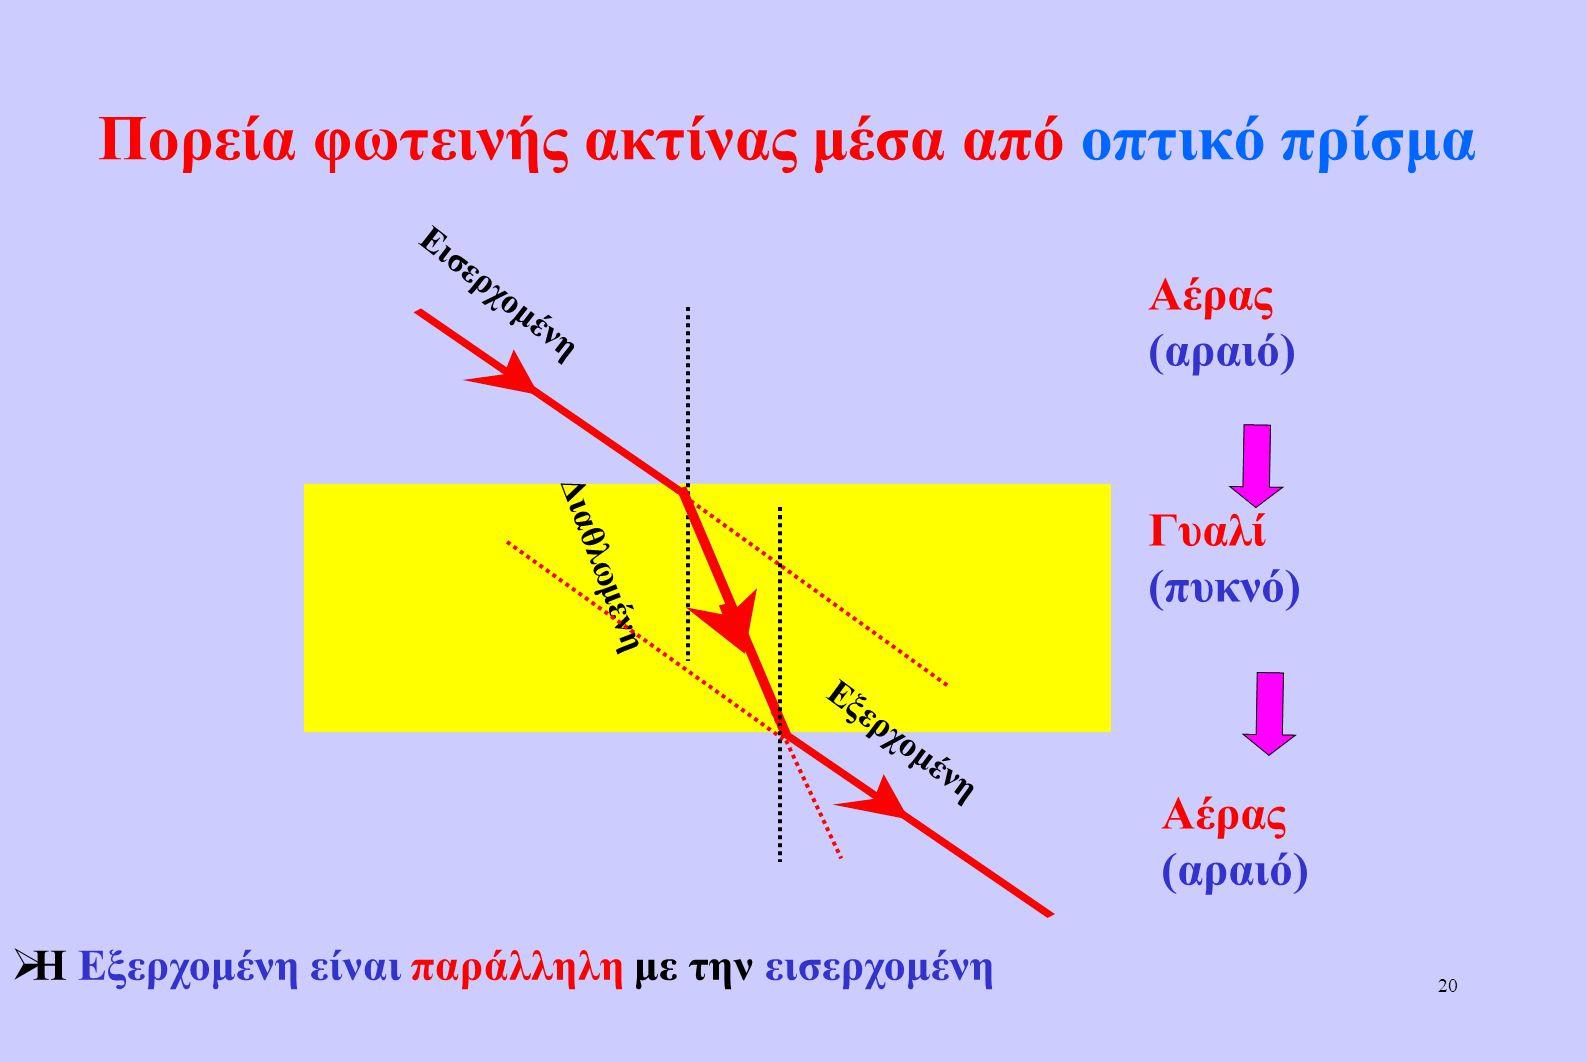 19 Πορεία φωτεινής ακτίνας από οπτικά πυκνό σε οπικά αραιό μέσο Γυαλί (πυκνό) Νερό (αραιό) Κάθετη Προσπίπτουσα Διαθλωμένη Προέκταση Πυκνό  Η διαθλωμέ